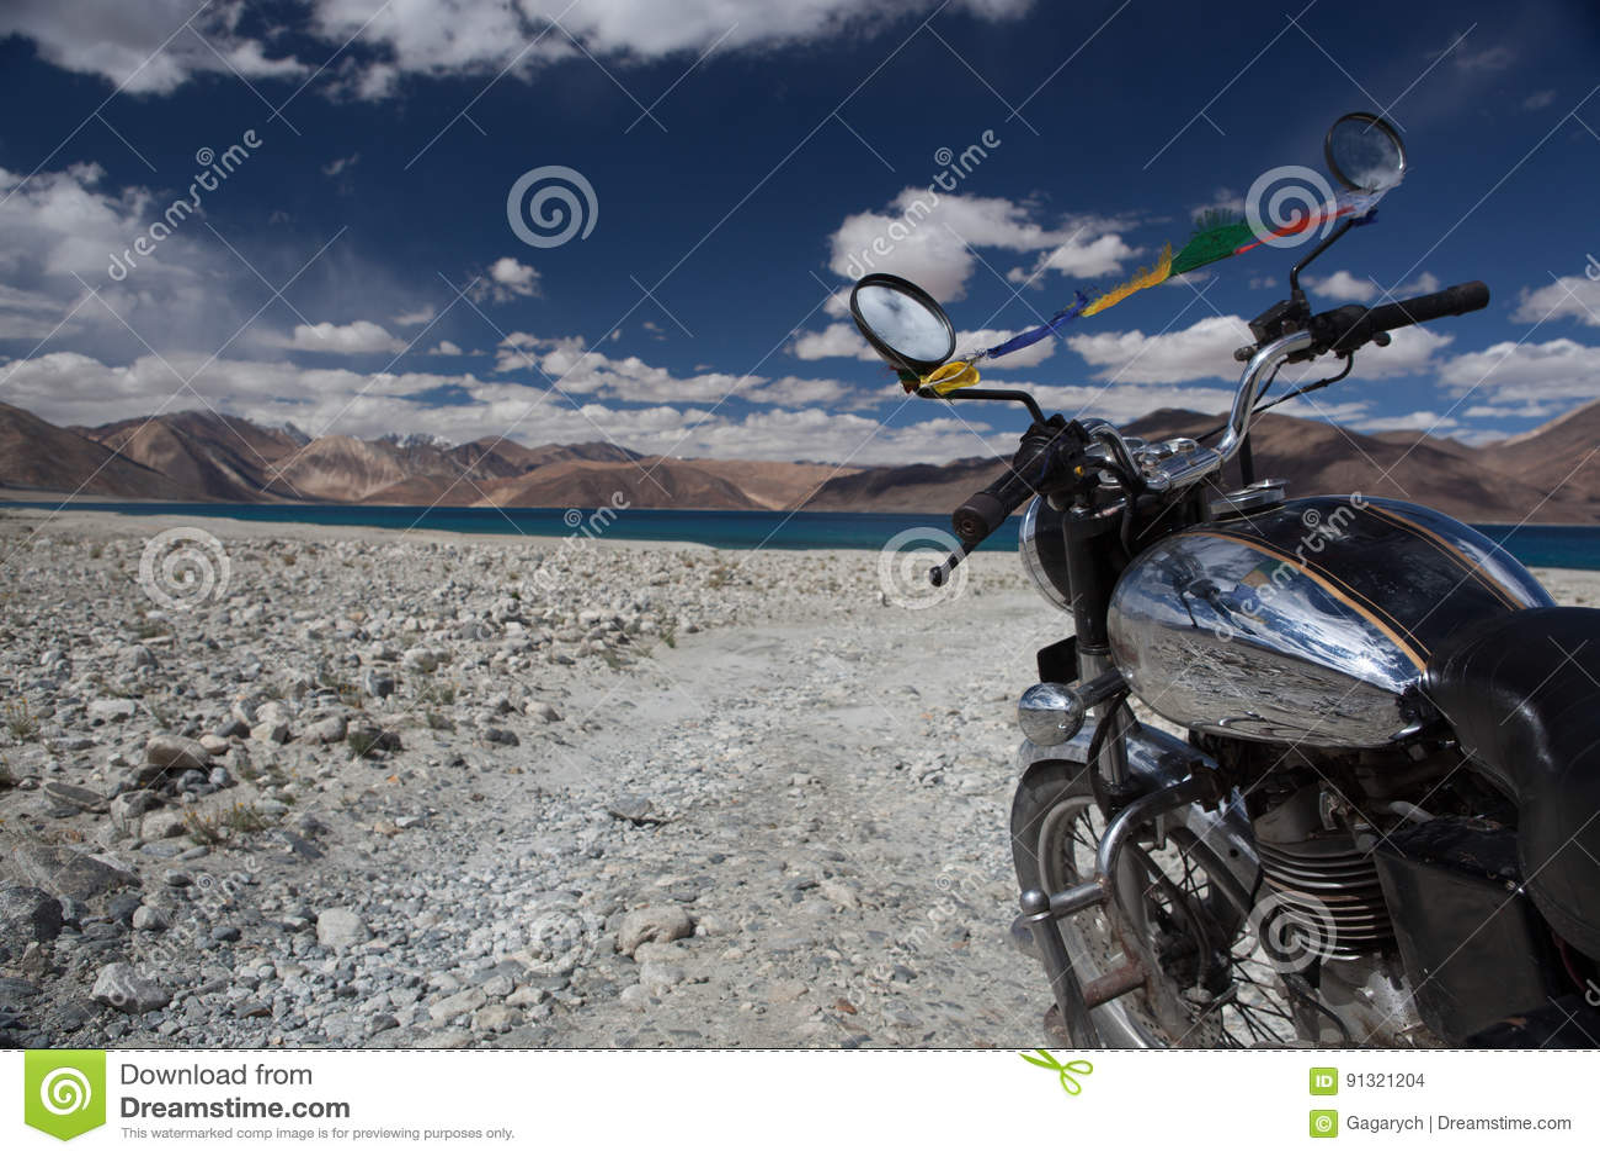 motorcycle background o  Vintage Motorcycle On Background Of Beautiful. Stock Photo - Image ...